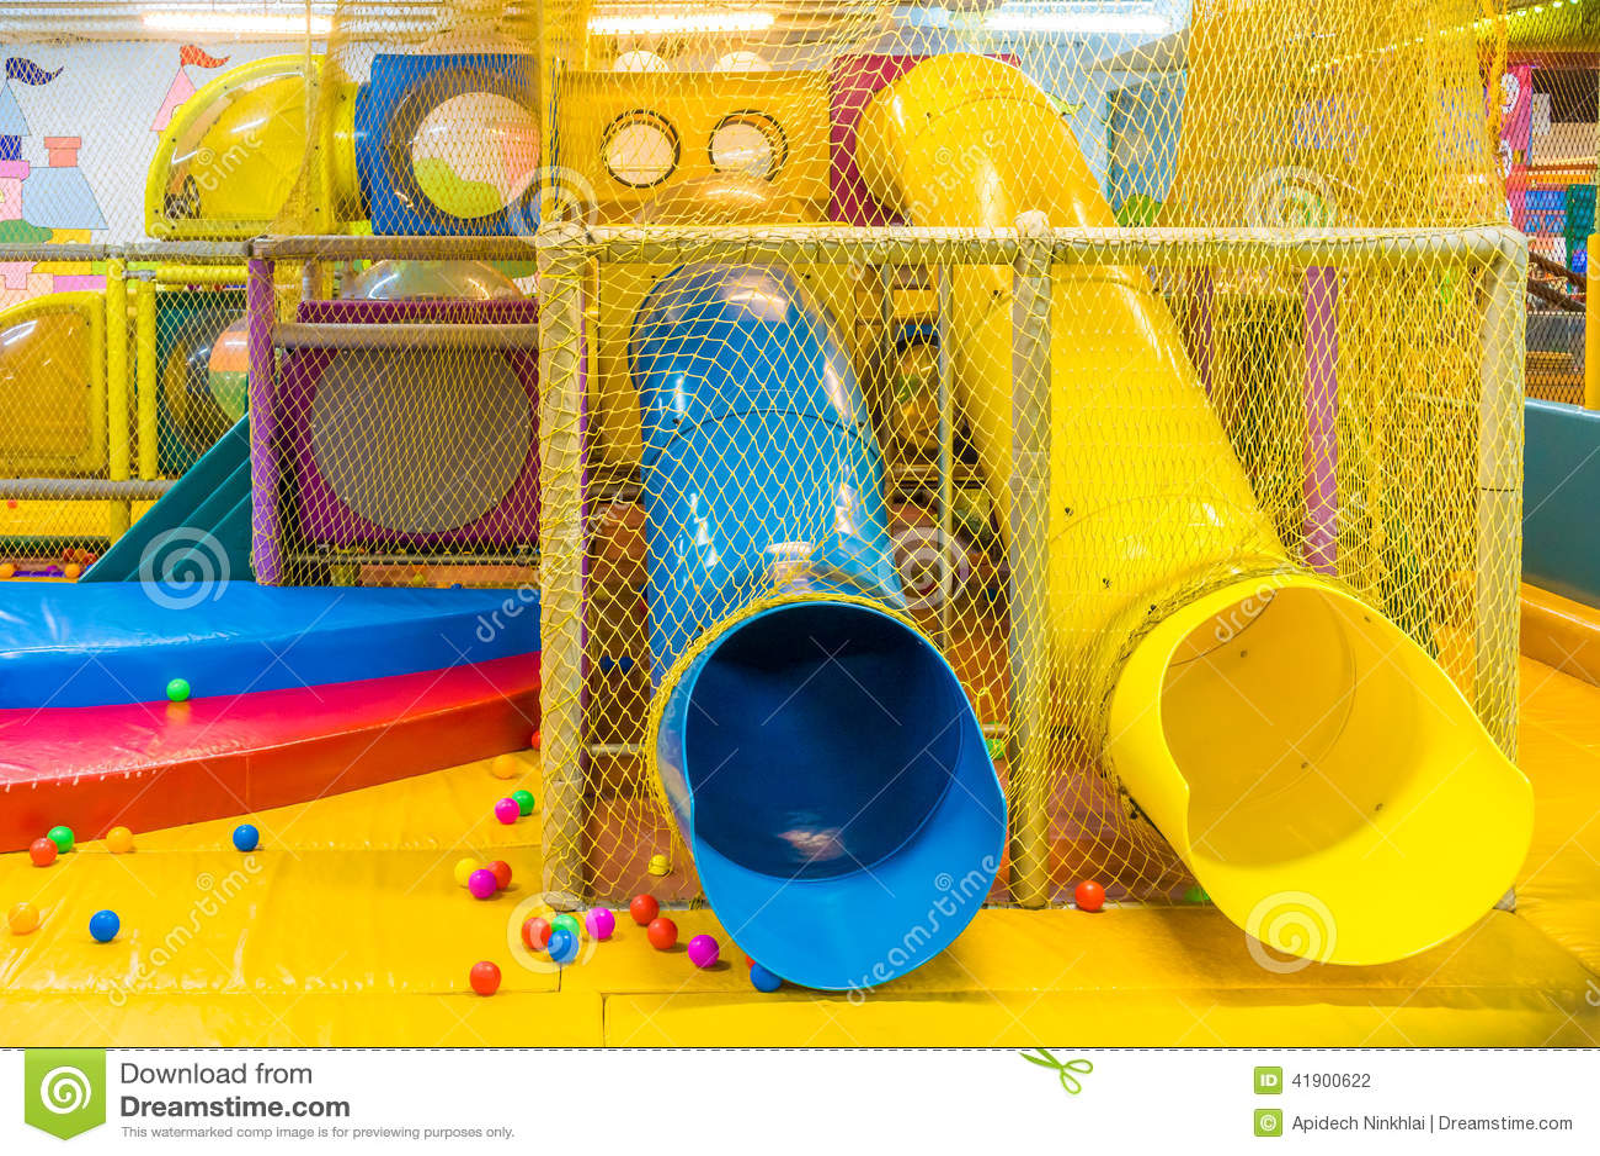 Ihram Kids For Sale Dubai: Playground In Indoor Amusement Park For Children Stock